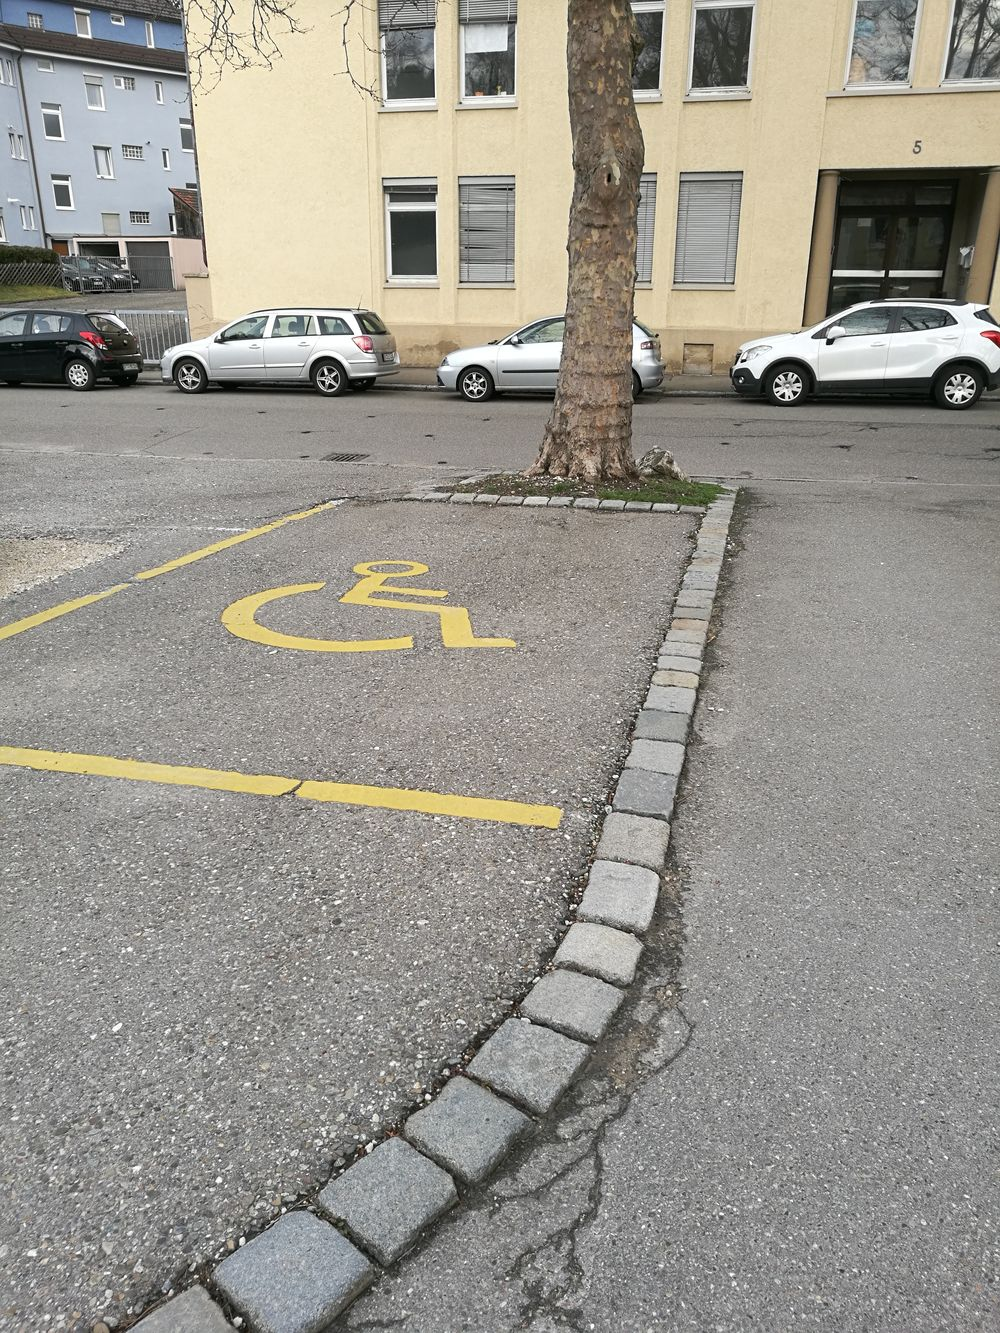 2 Behindertenparkplätze beim Friedhof Unter den Linden